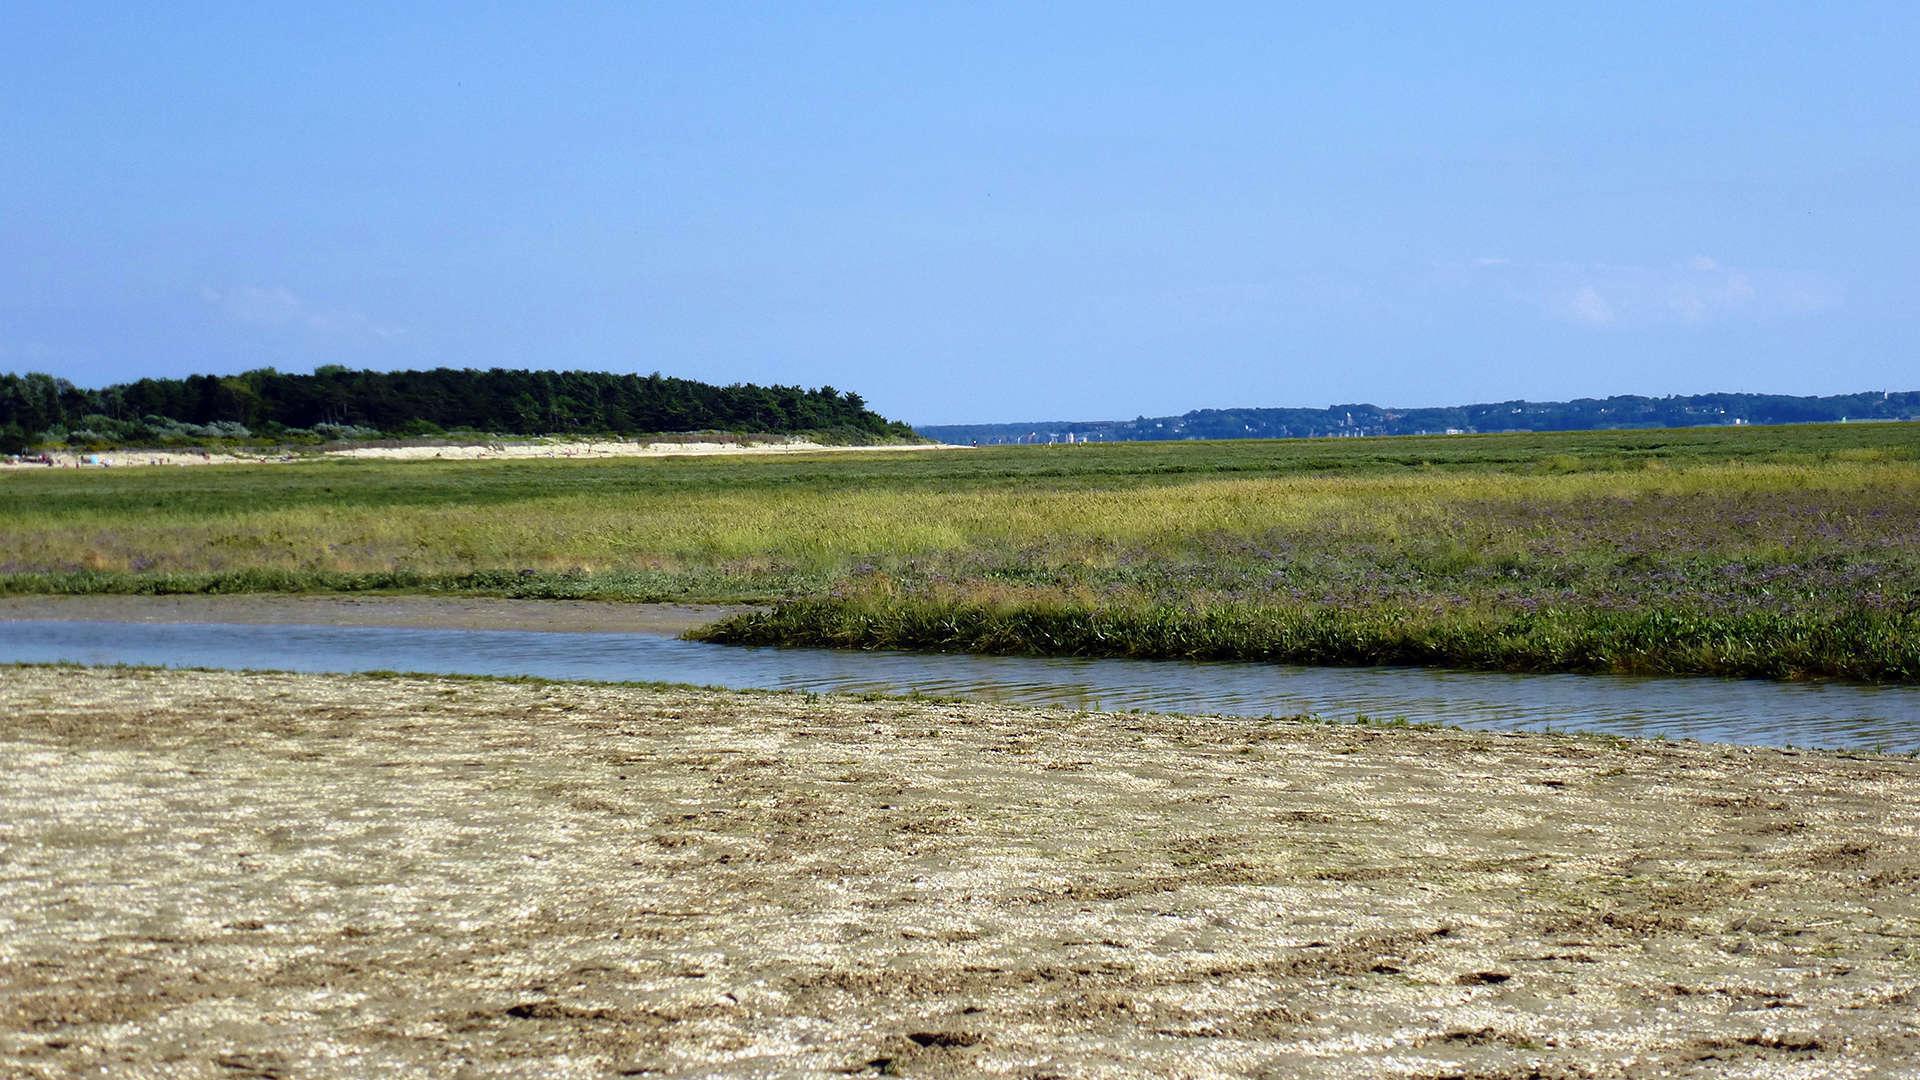 Baie de Somme - La Maye (Crédits: Stéphanie Ritz)